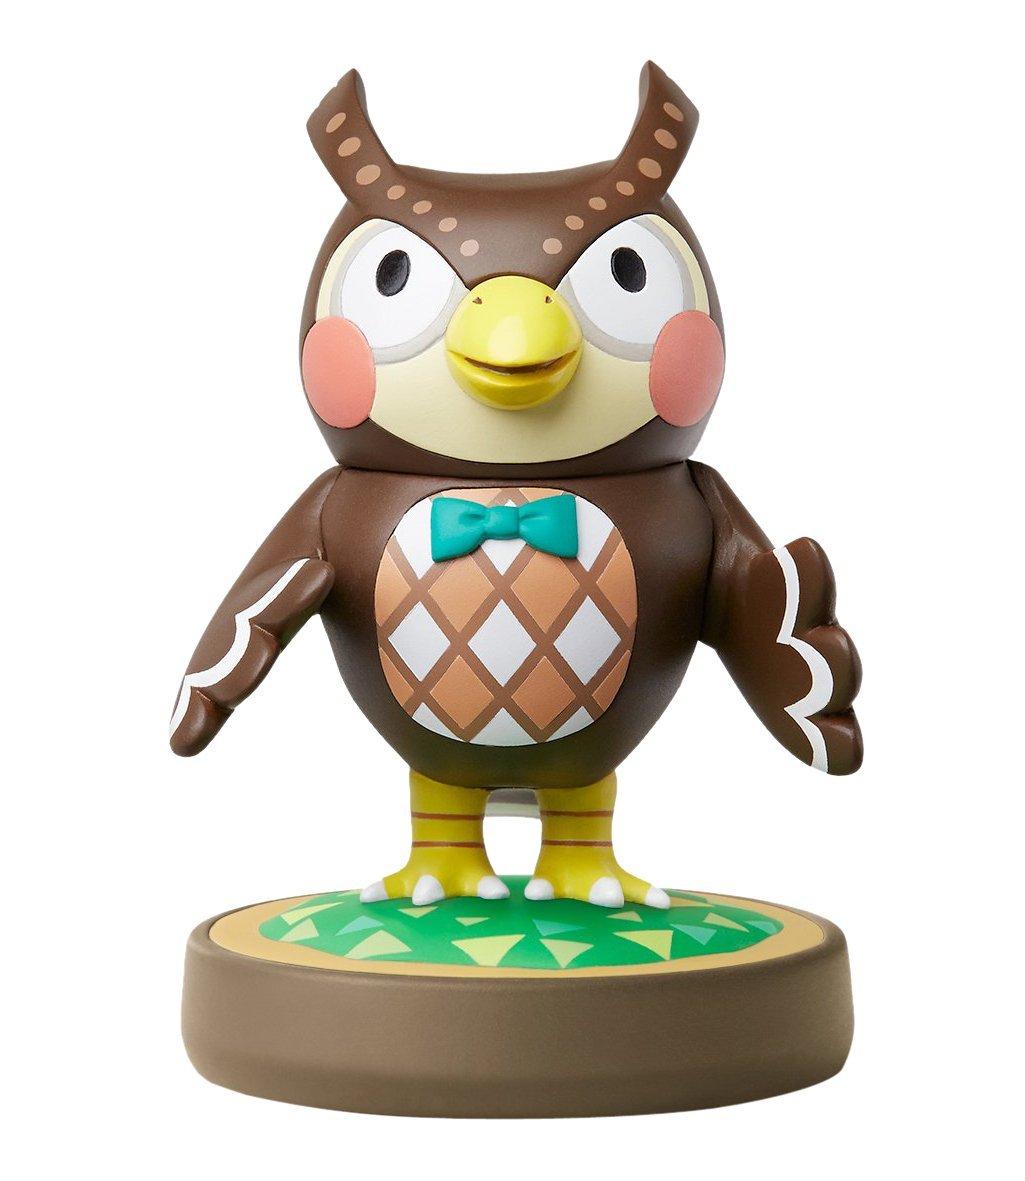 Nintendo Amiibo Figures: Kicks $4.50, Blathers  $4.10 & More